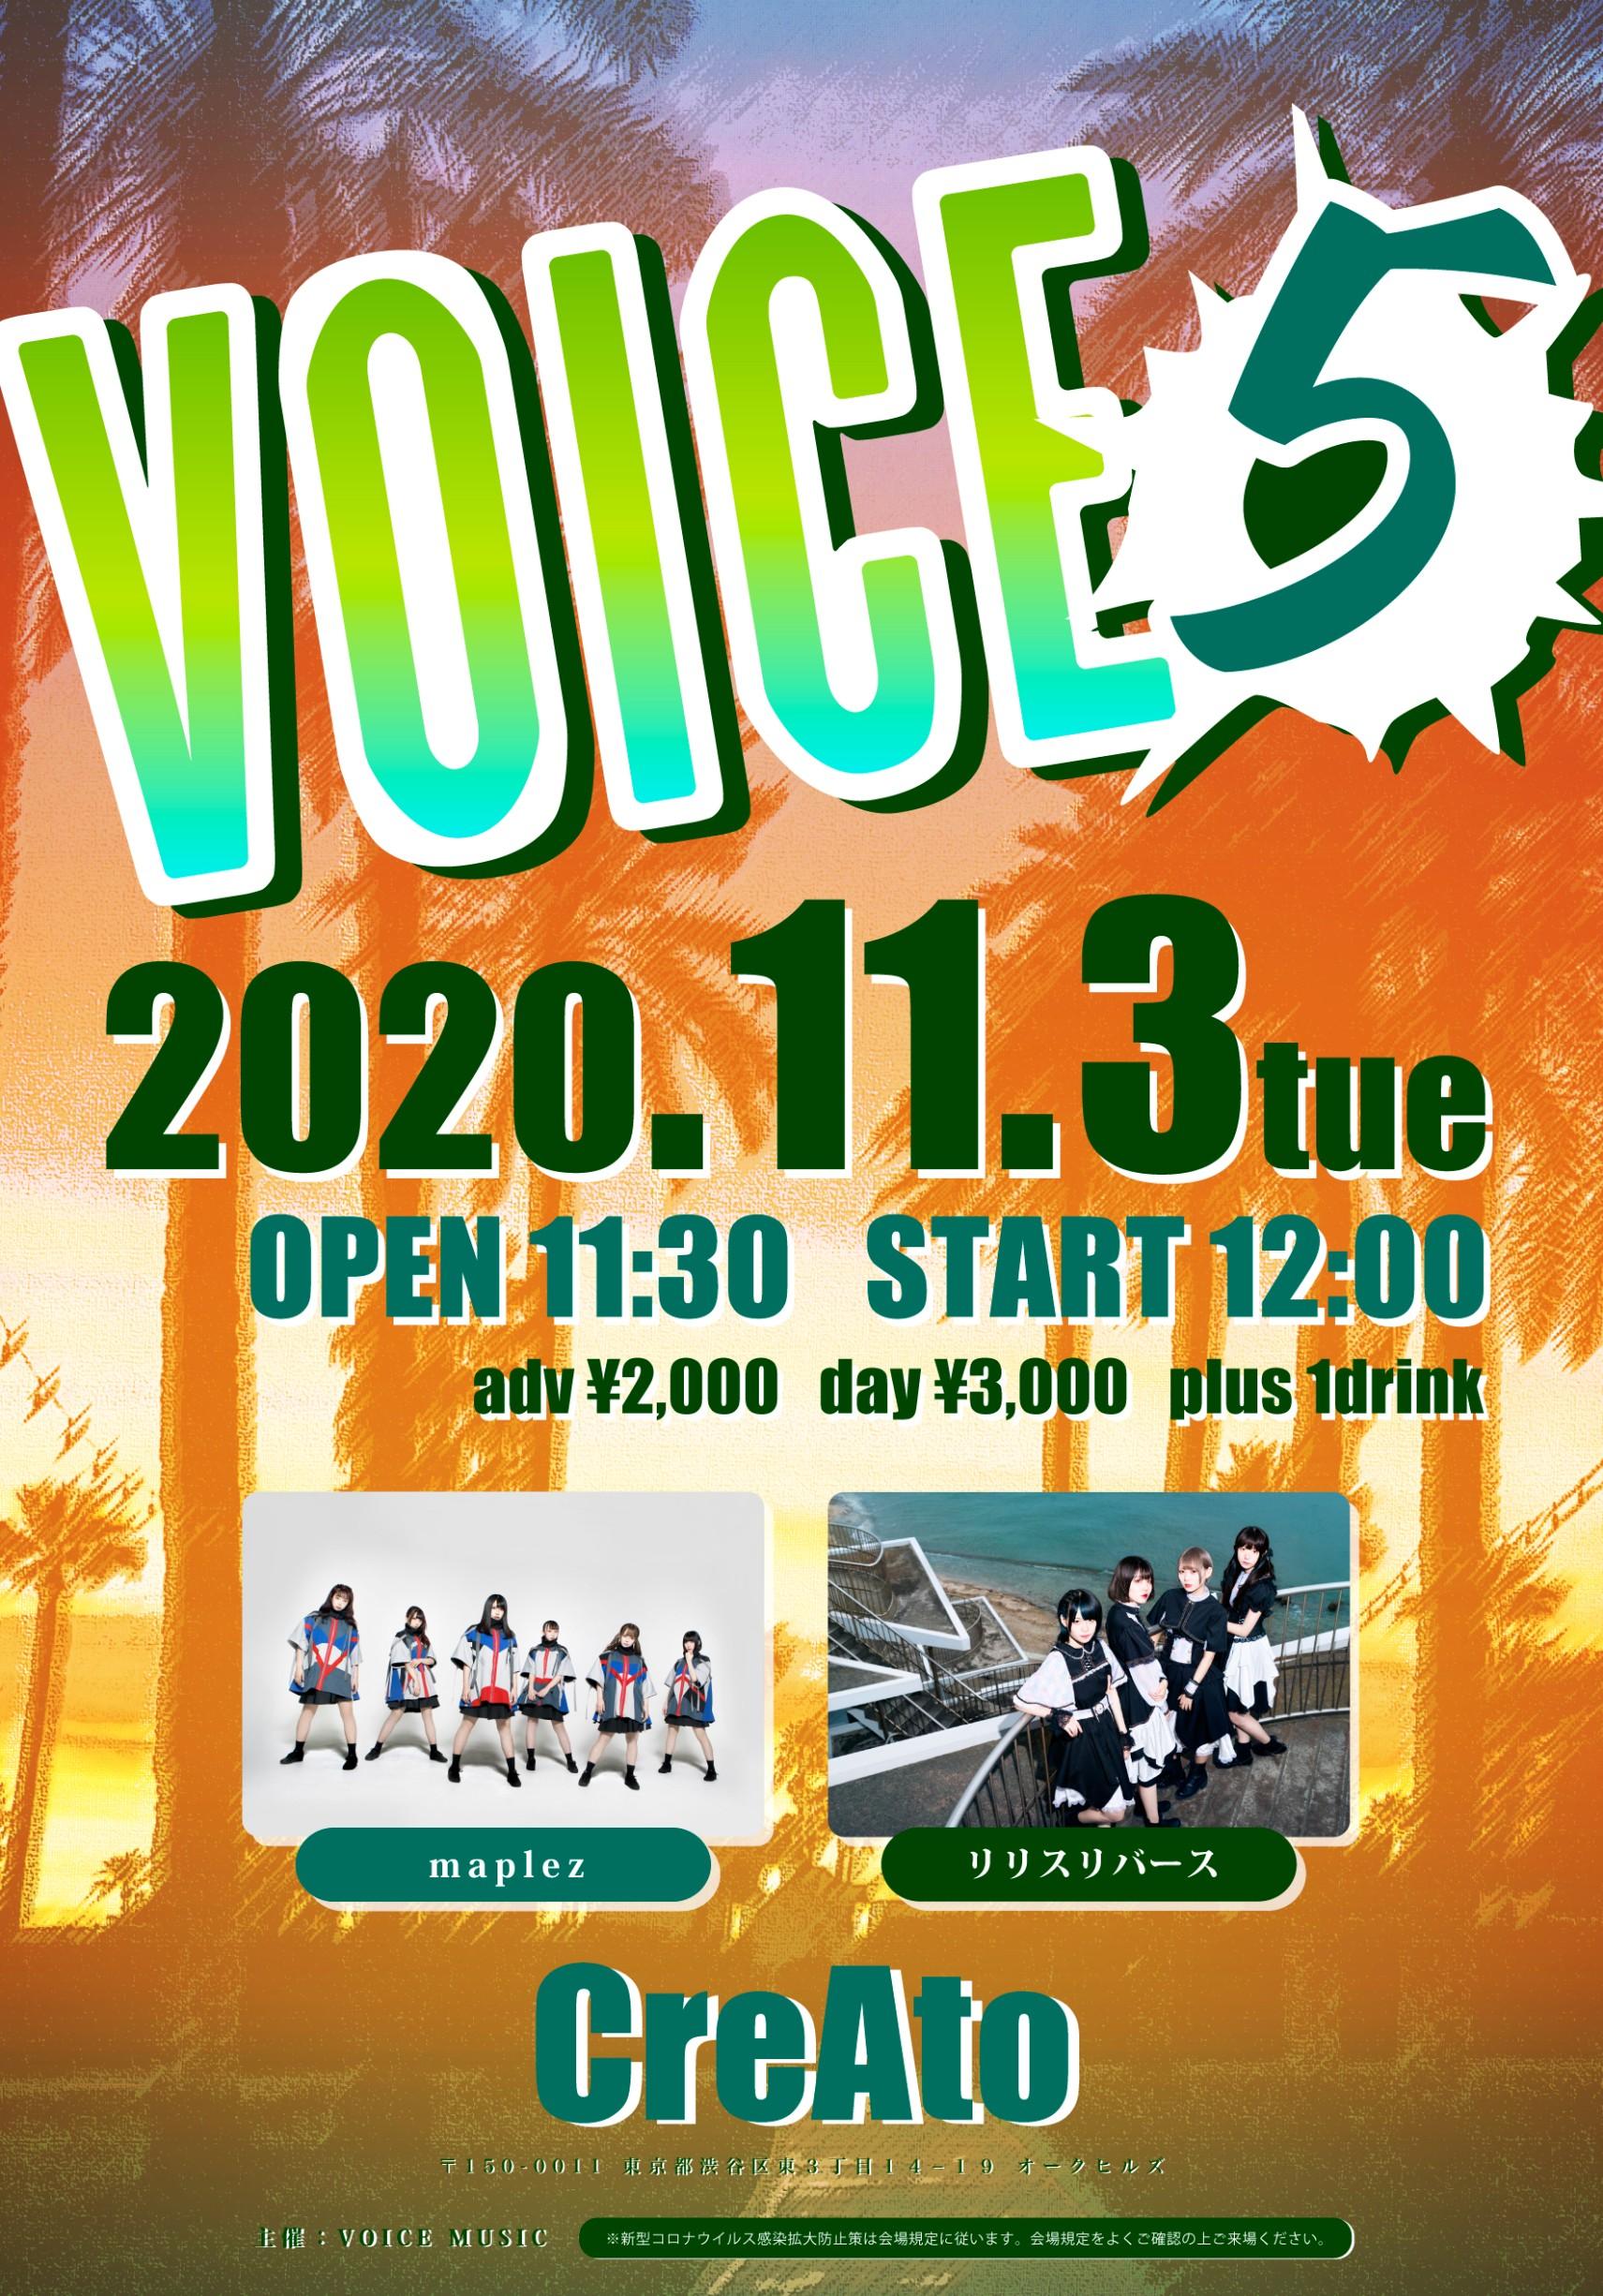 「VOICE 5」